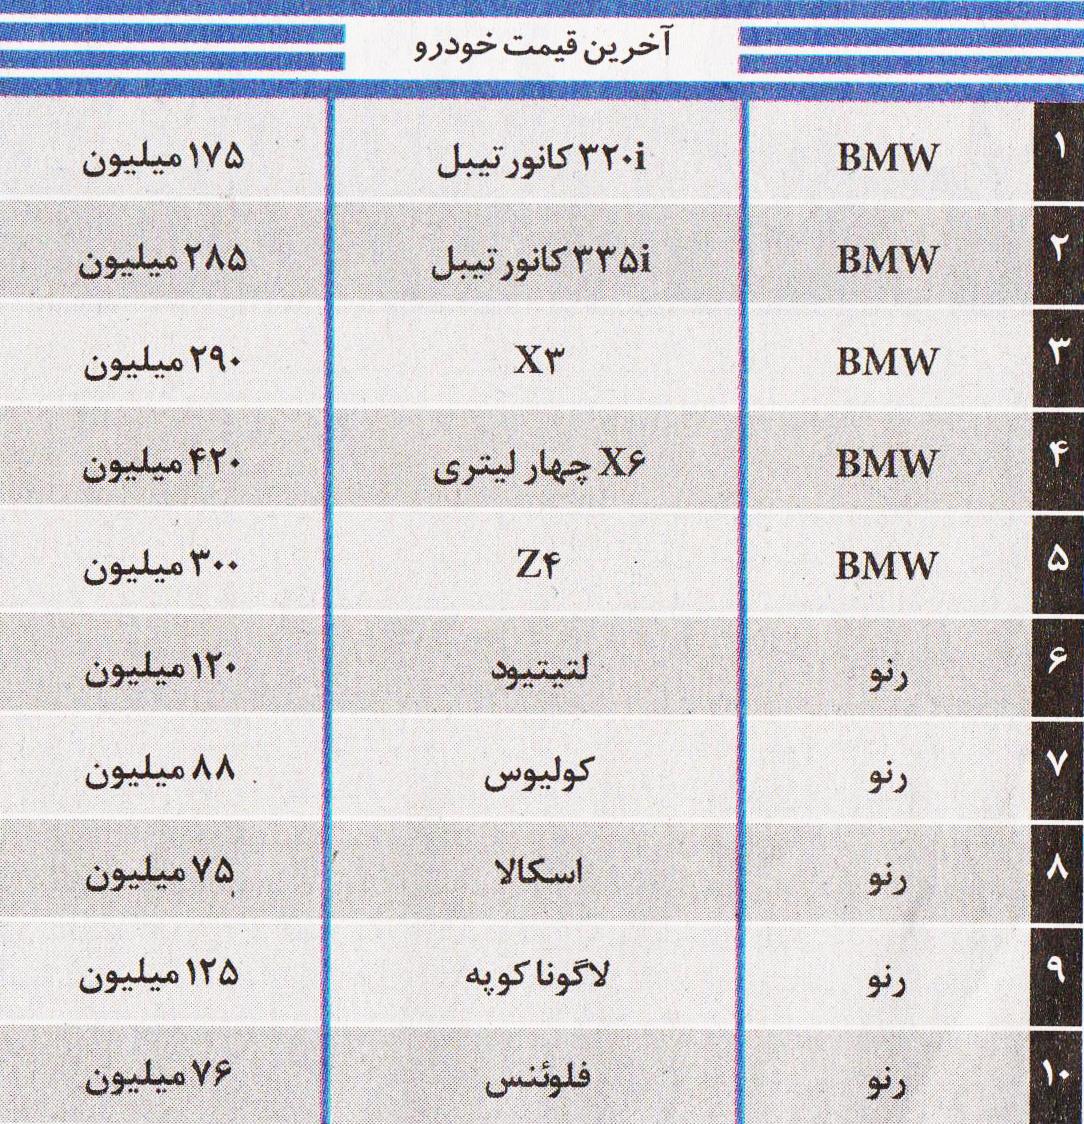 قیمت خودرو کارکرده آنلاین